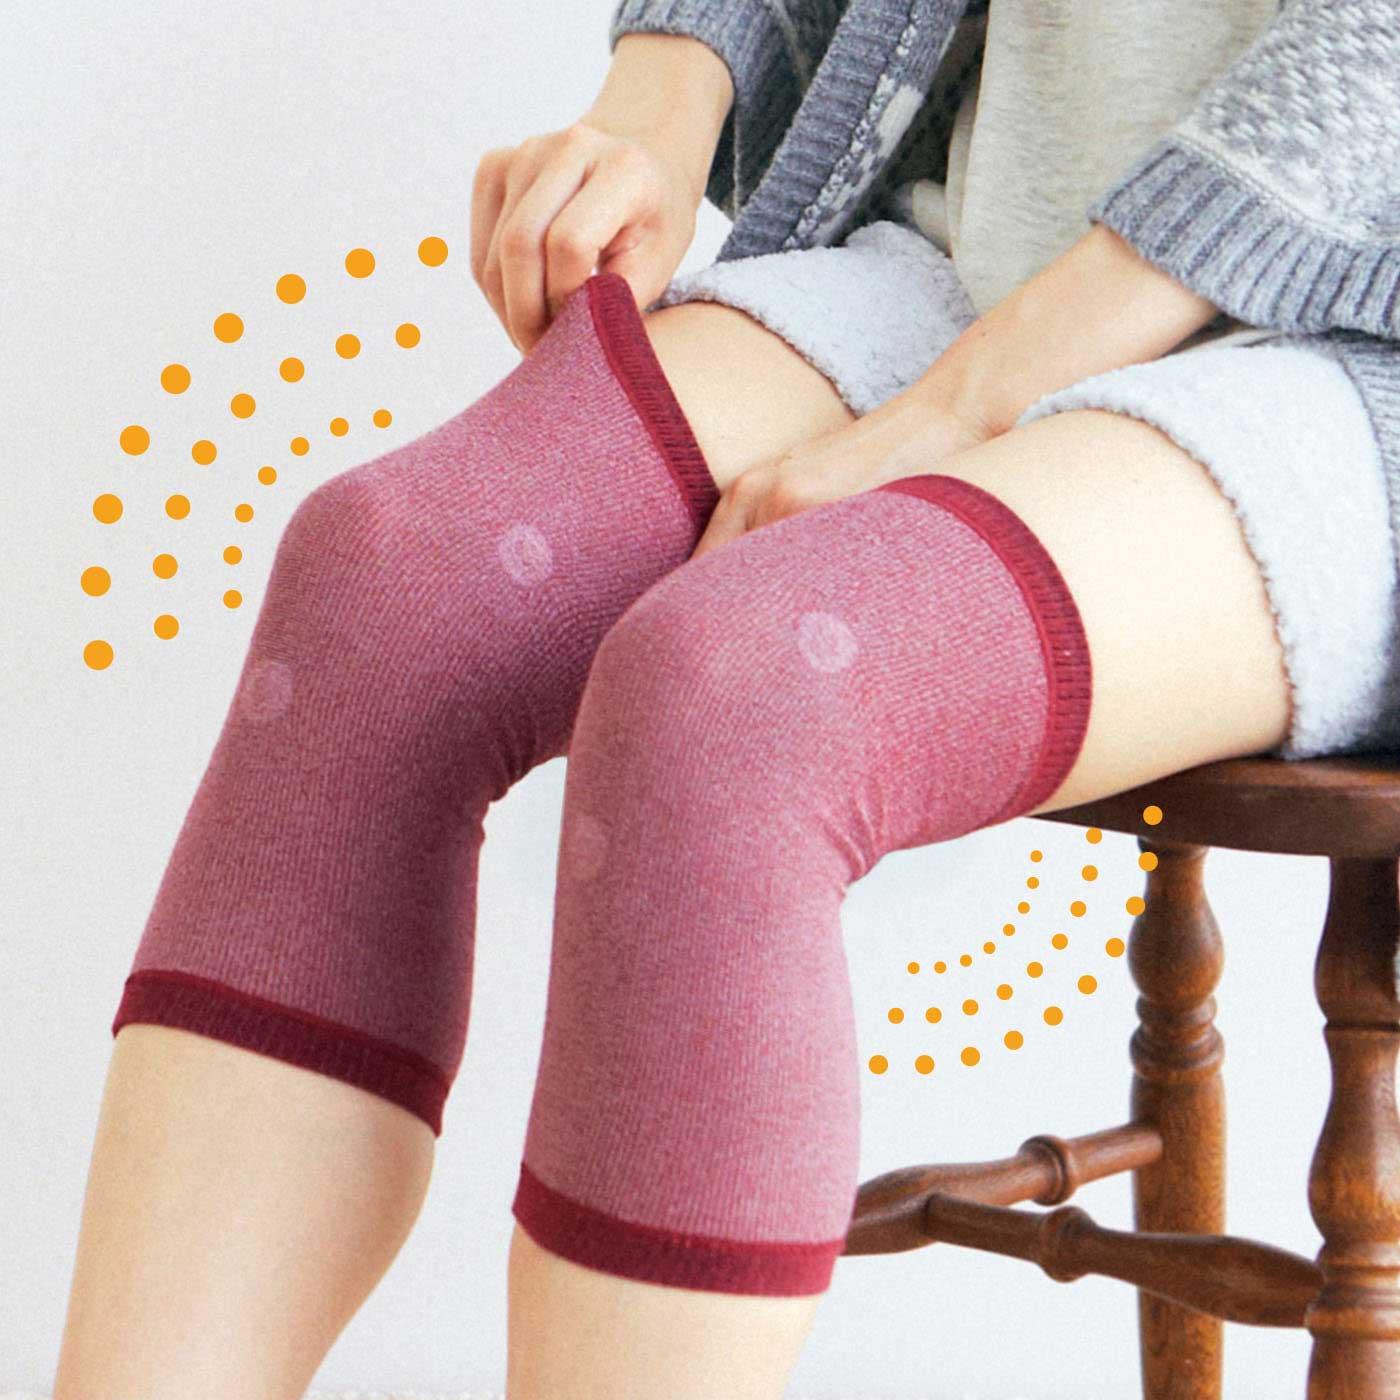 「気になるひざの血行改善! 磁気レッグサポーターの会(CN-476-579)」と合わせ使いがおすすめです。